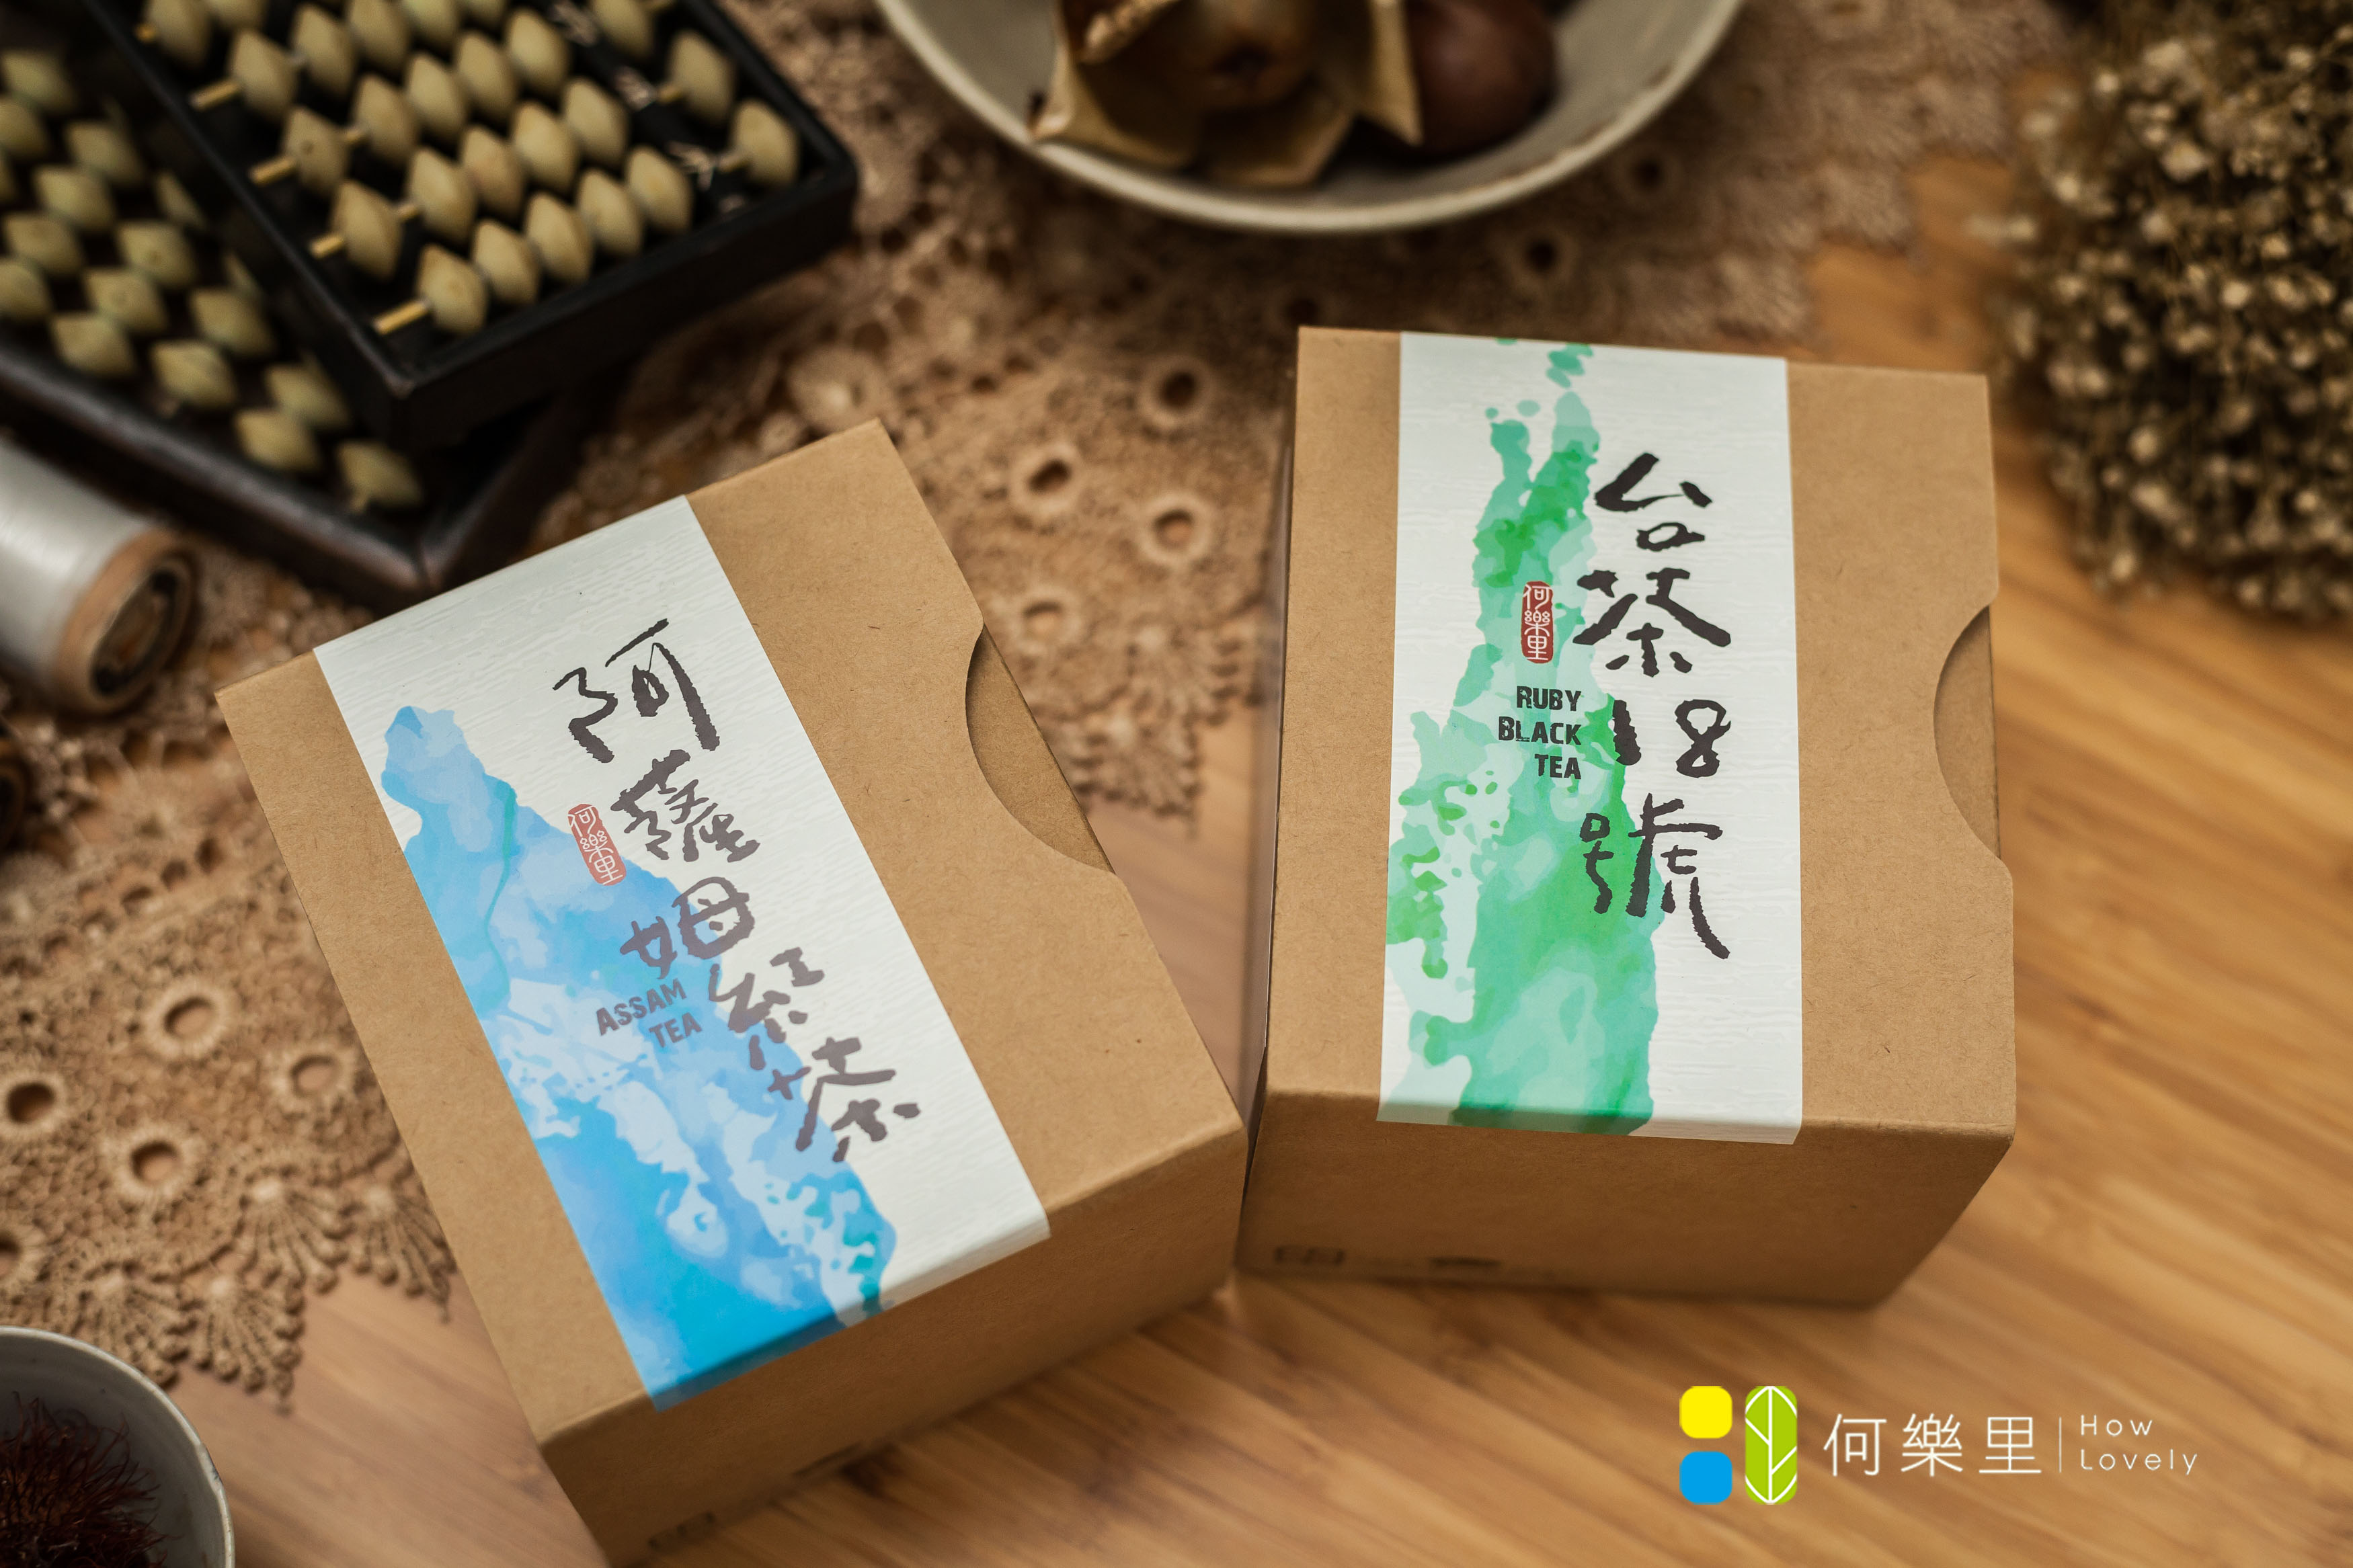 «何樂里»㊣首購嘗鮮好康免運組㊣日月潭頂級紅茶系列-阿薩姆紅茶、台茶18號紅玉紅茶、台茶18號蜜香紅茶㊣茶包12包裝/盒,任二盒㊣雙重享受,任意搭配,超值好康( ^ω^)